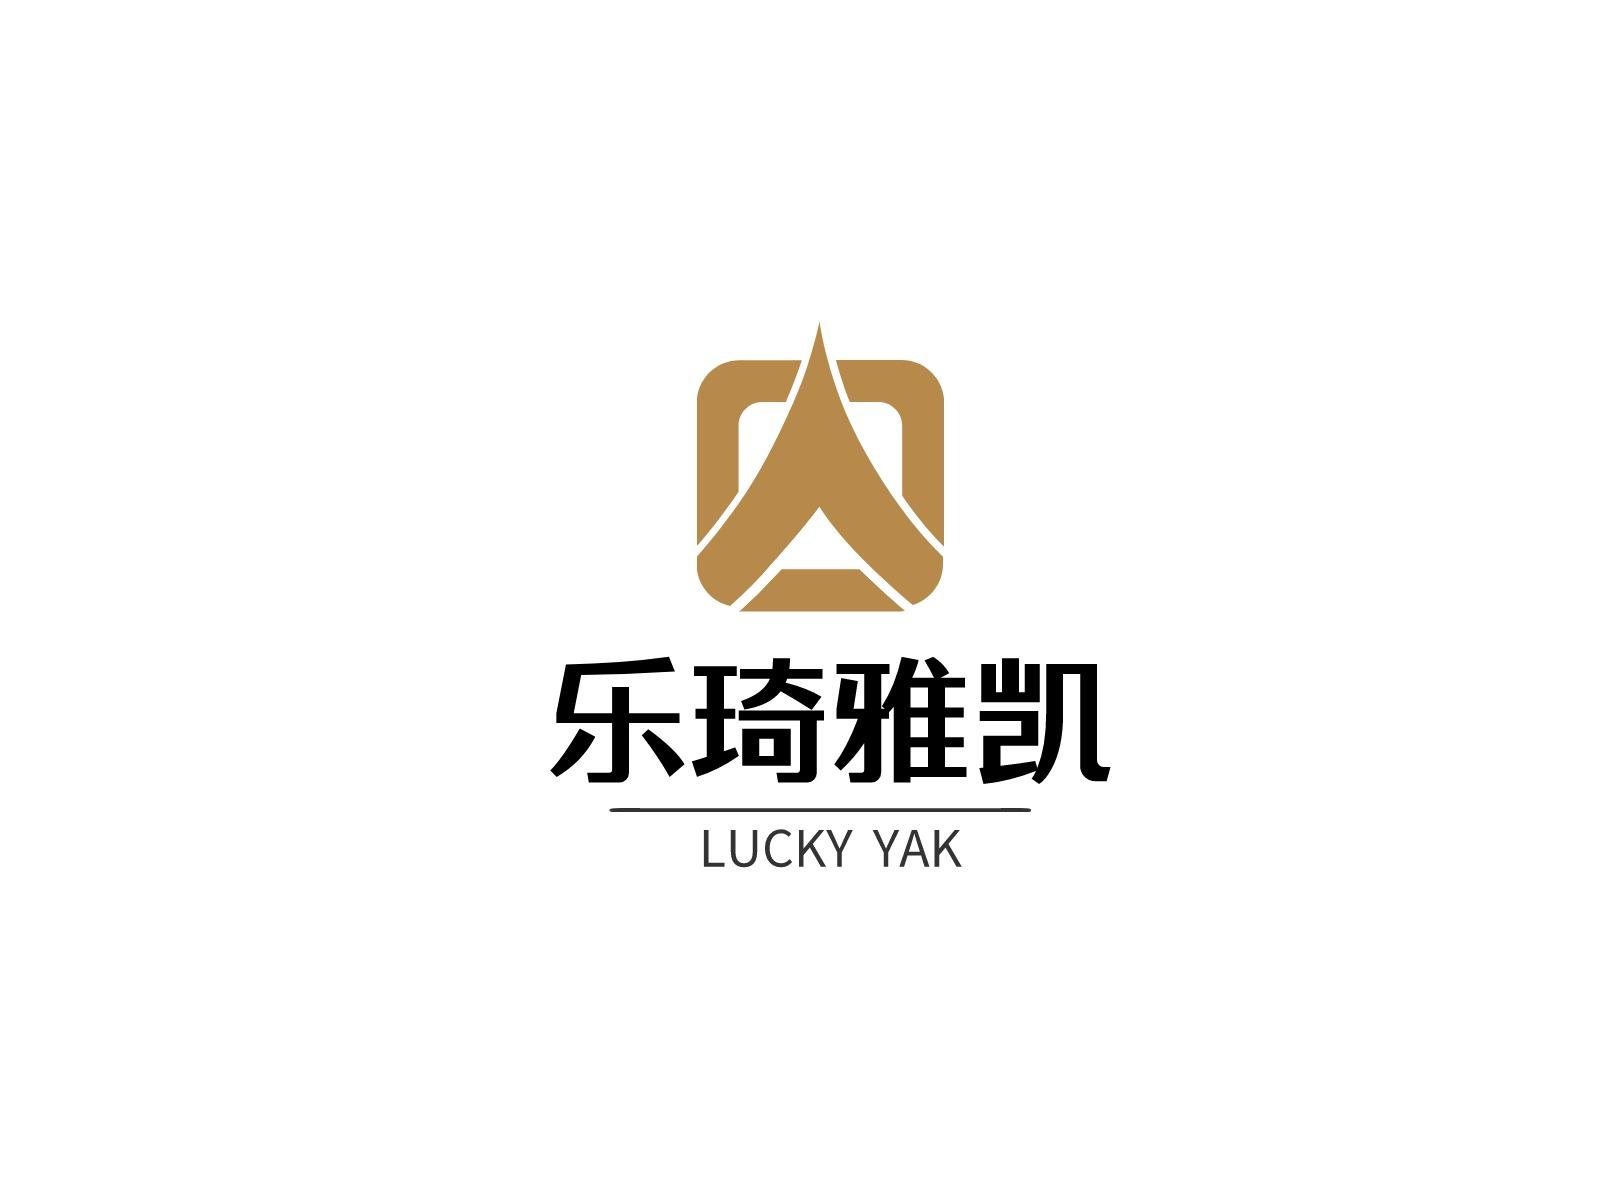 乐琦雅凯logo标志设计